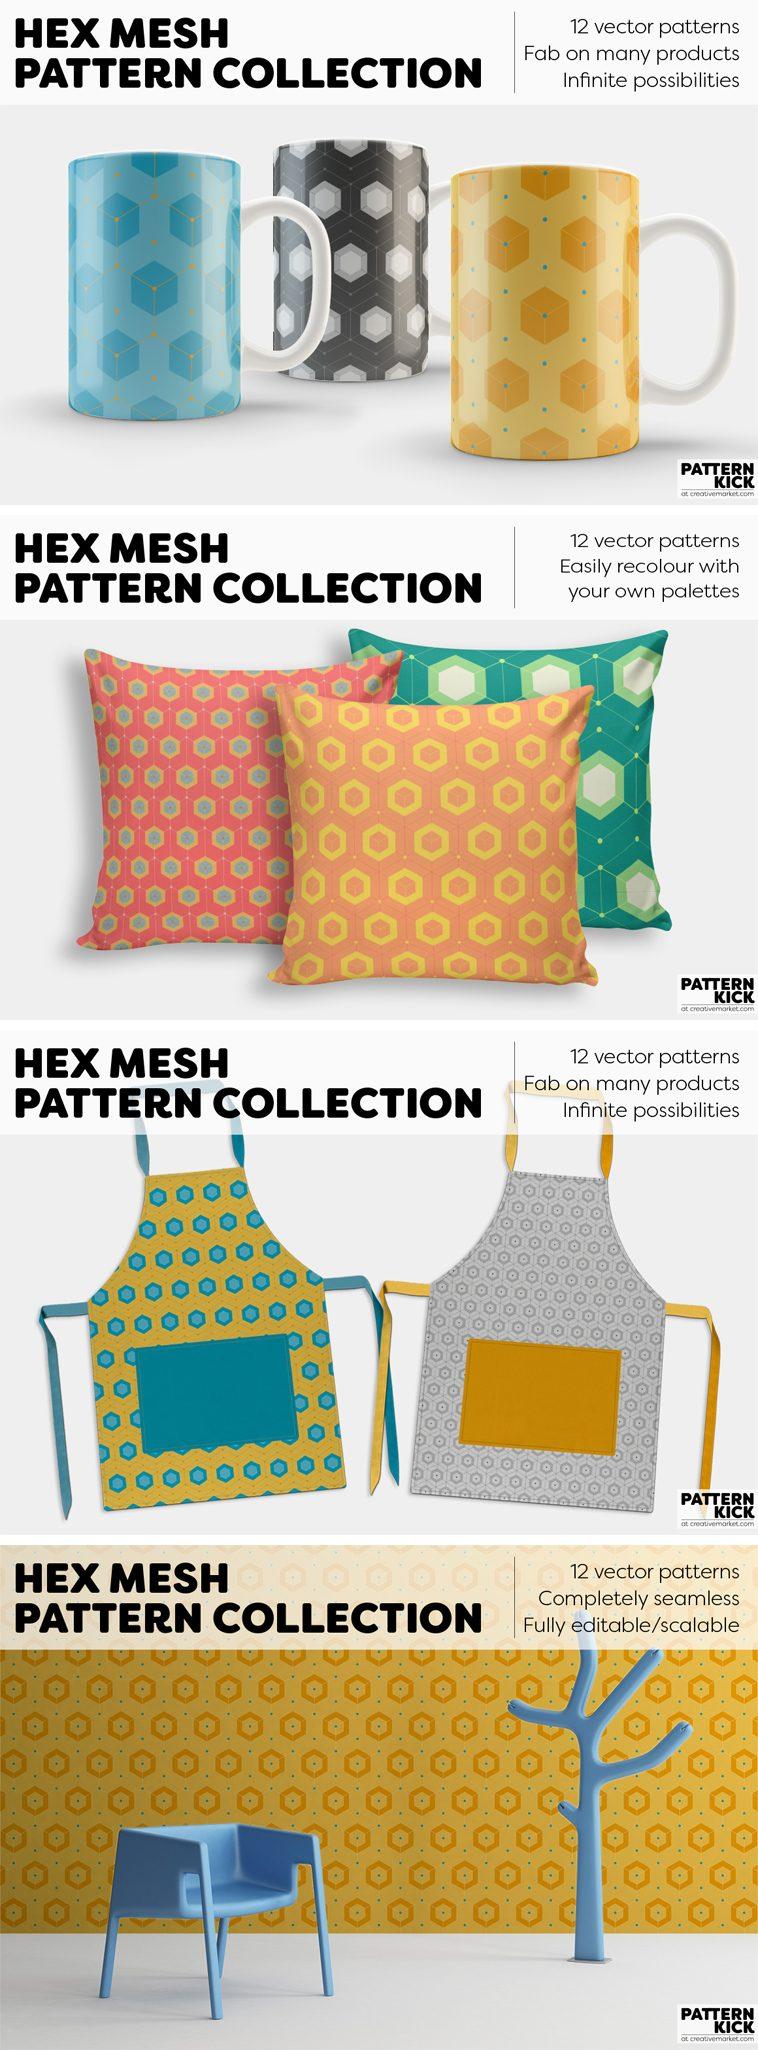 Geometric Prints and Patterns at Pattern Kick - Creative Market [2] | Pitter Pattern